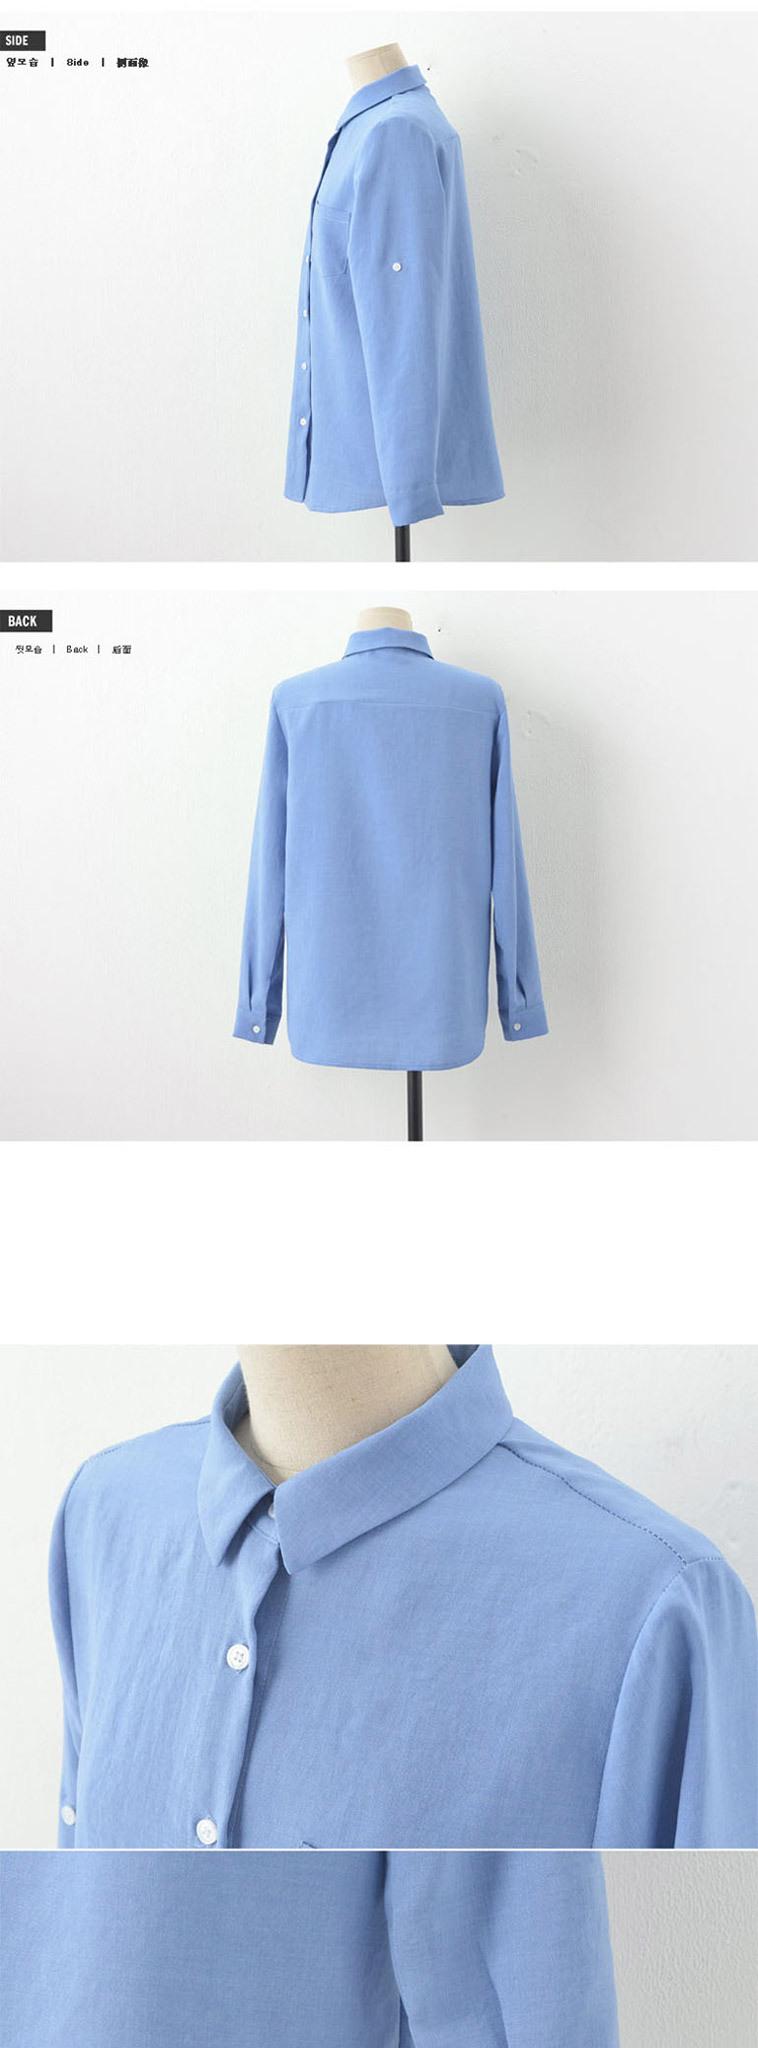 [투데이특가] 맨투맨/원피스/티셔츠 - 상세정보